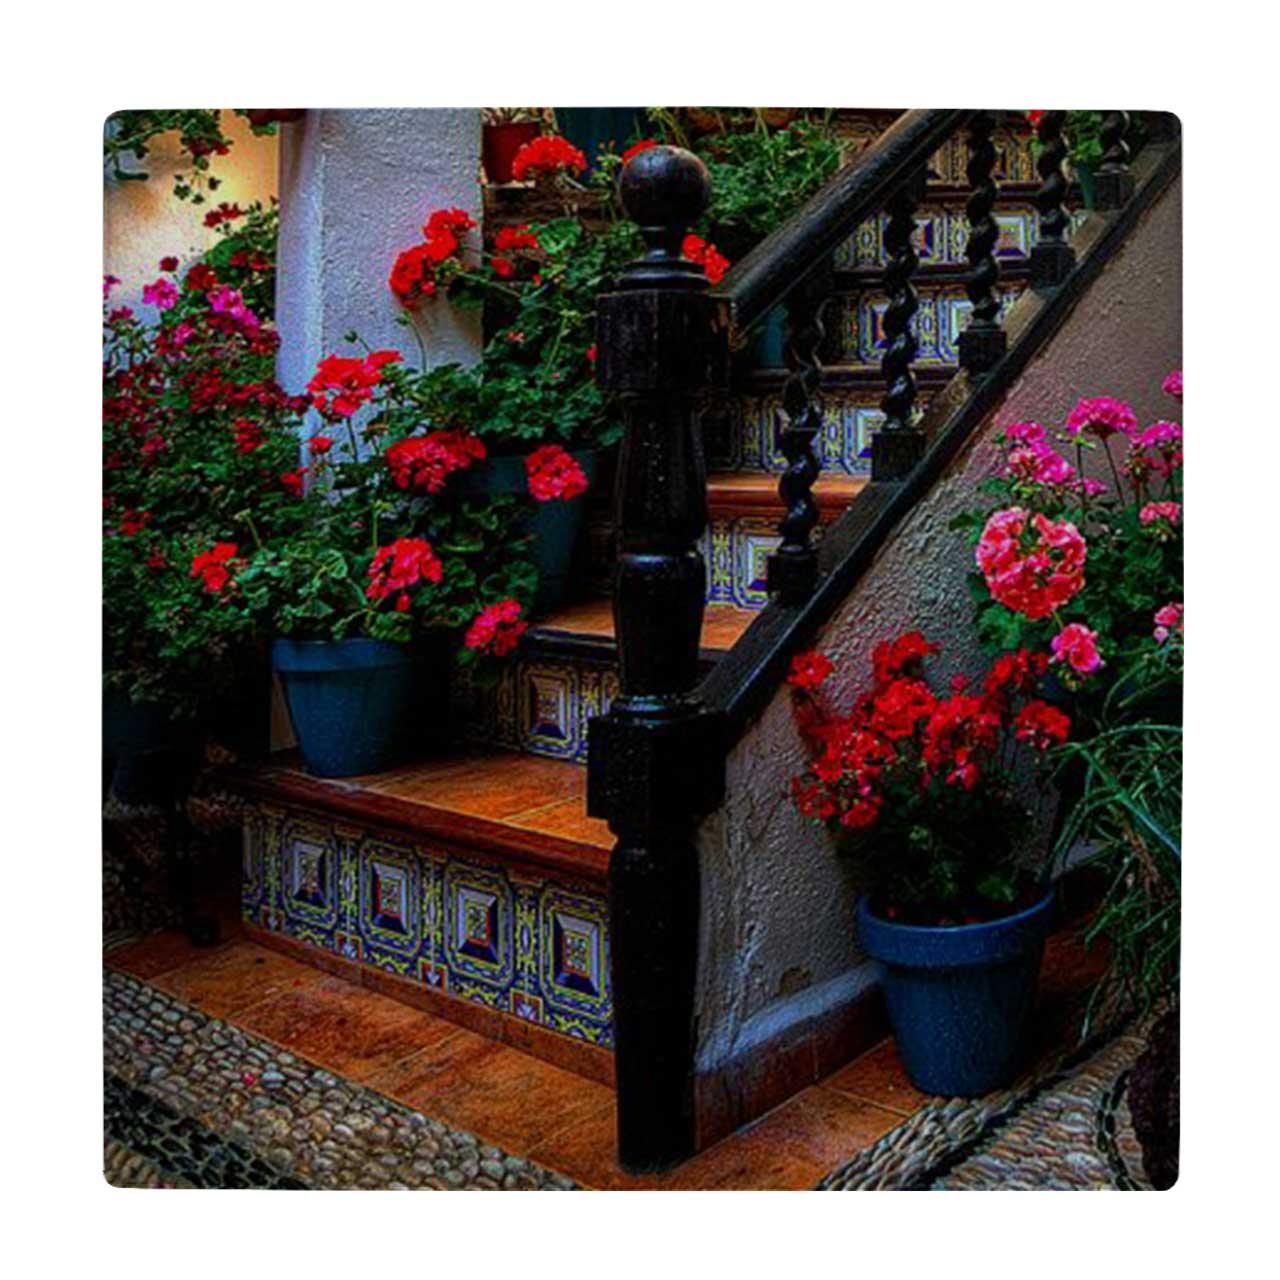 کاشی طرح راه پله و گلدان های گل کد wk1318